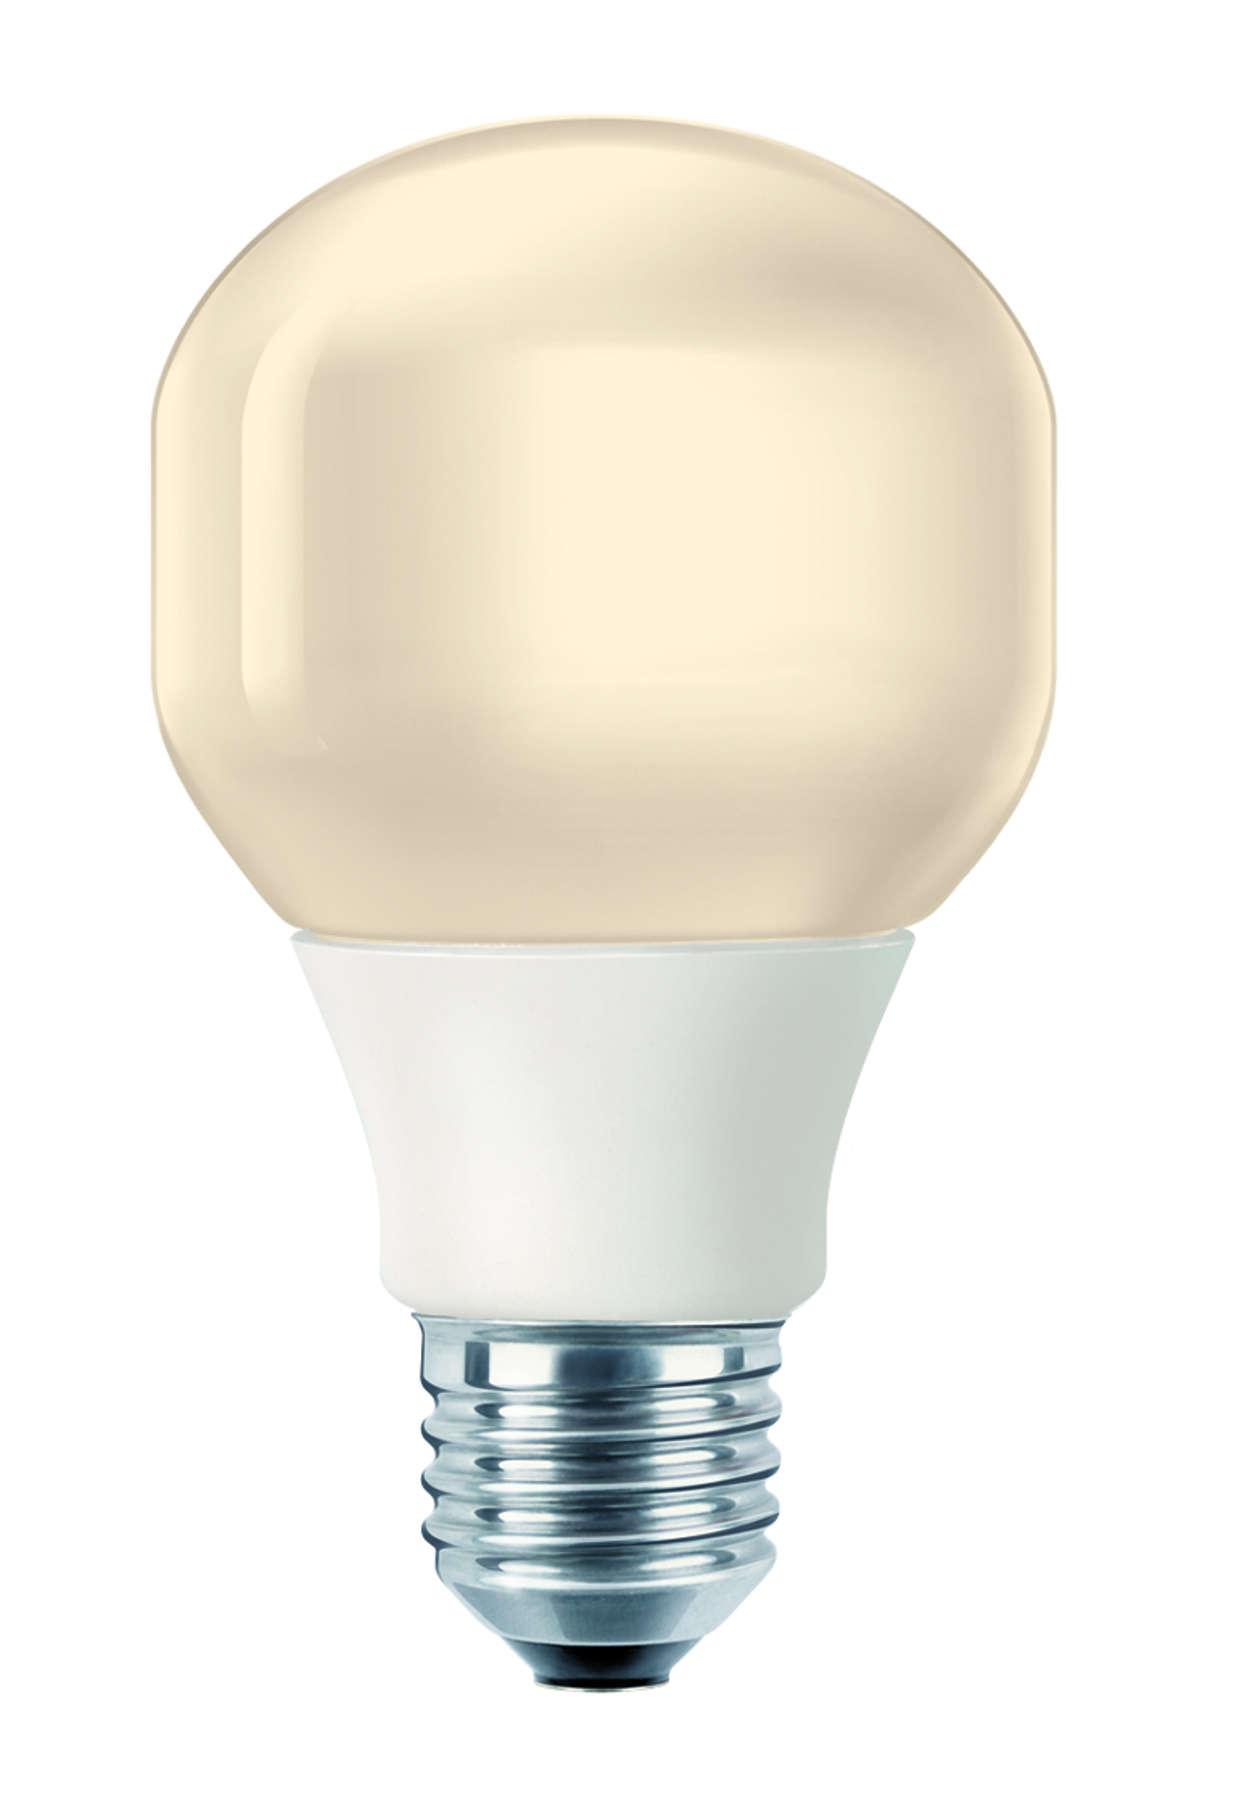 Yumuşak ortam ışığı